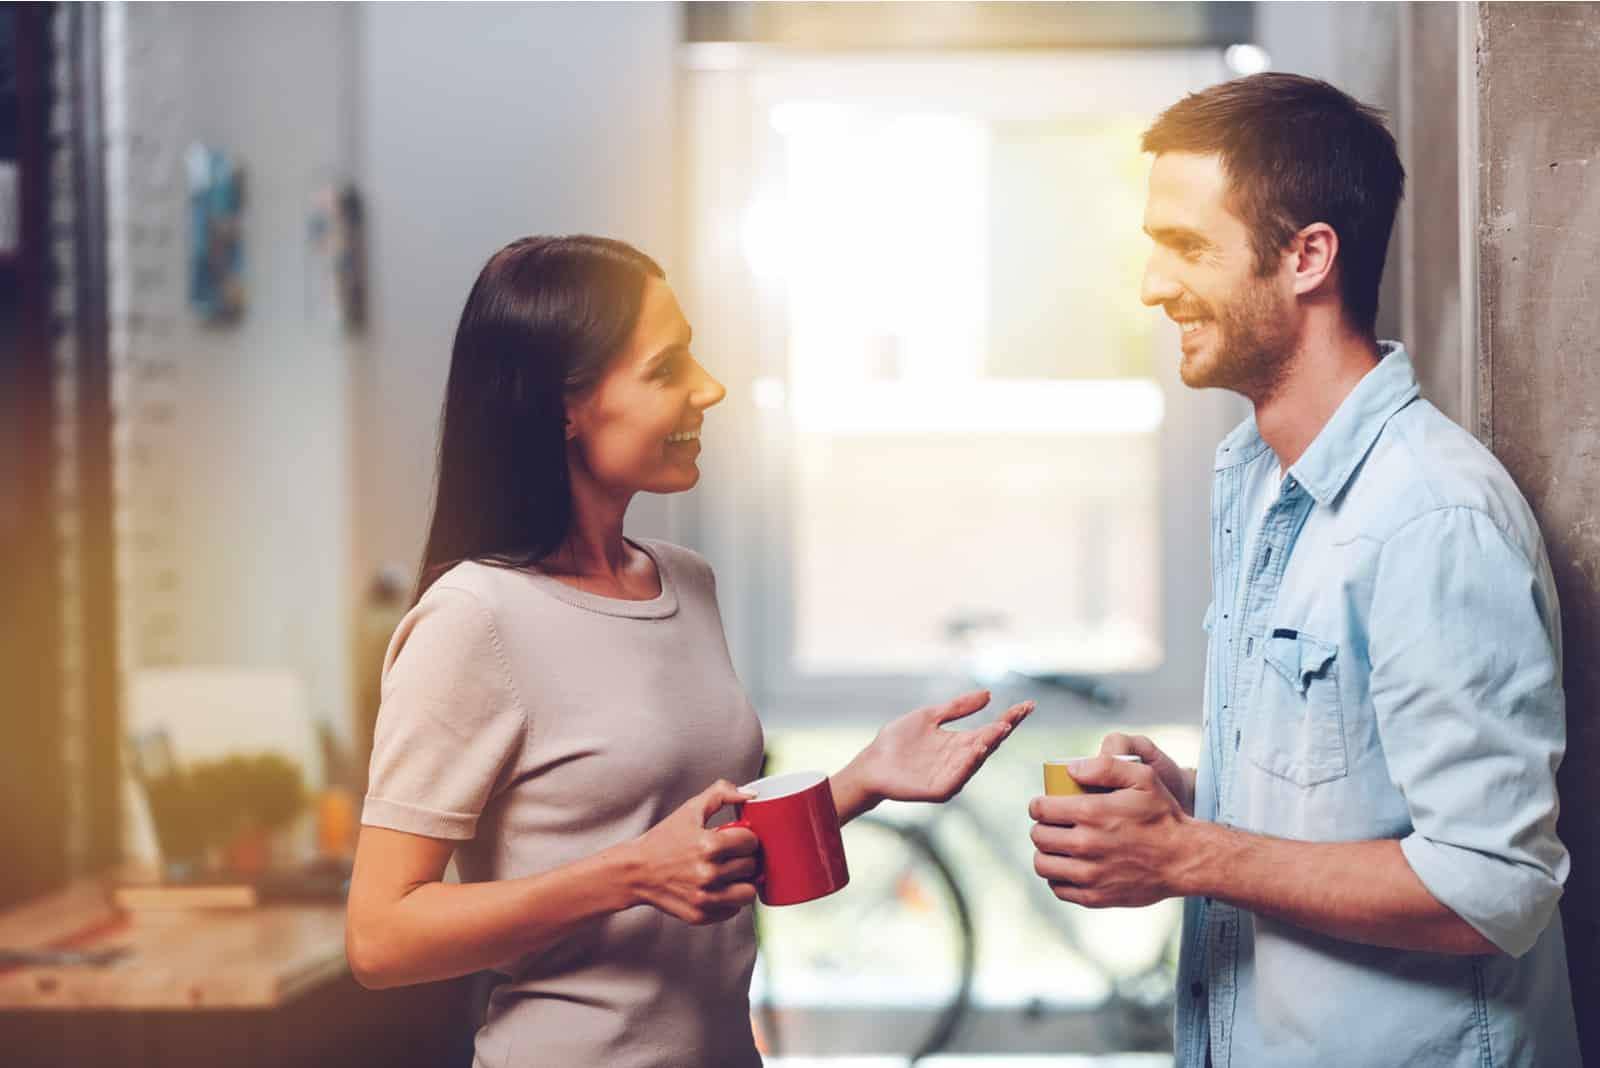 un homme et une femme se tiennent avec des tasses de café à la main